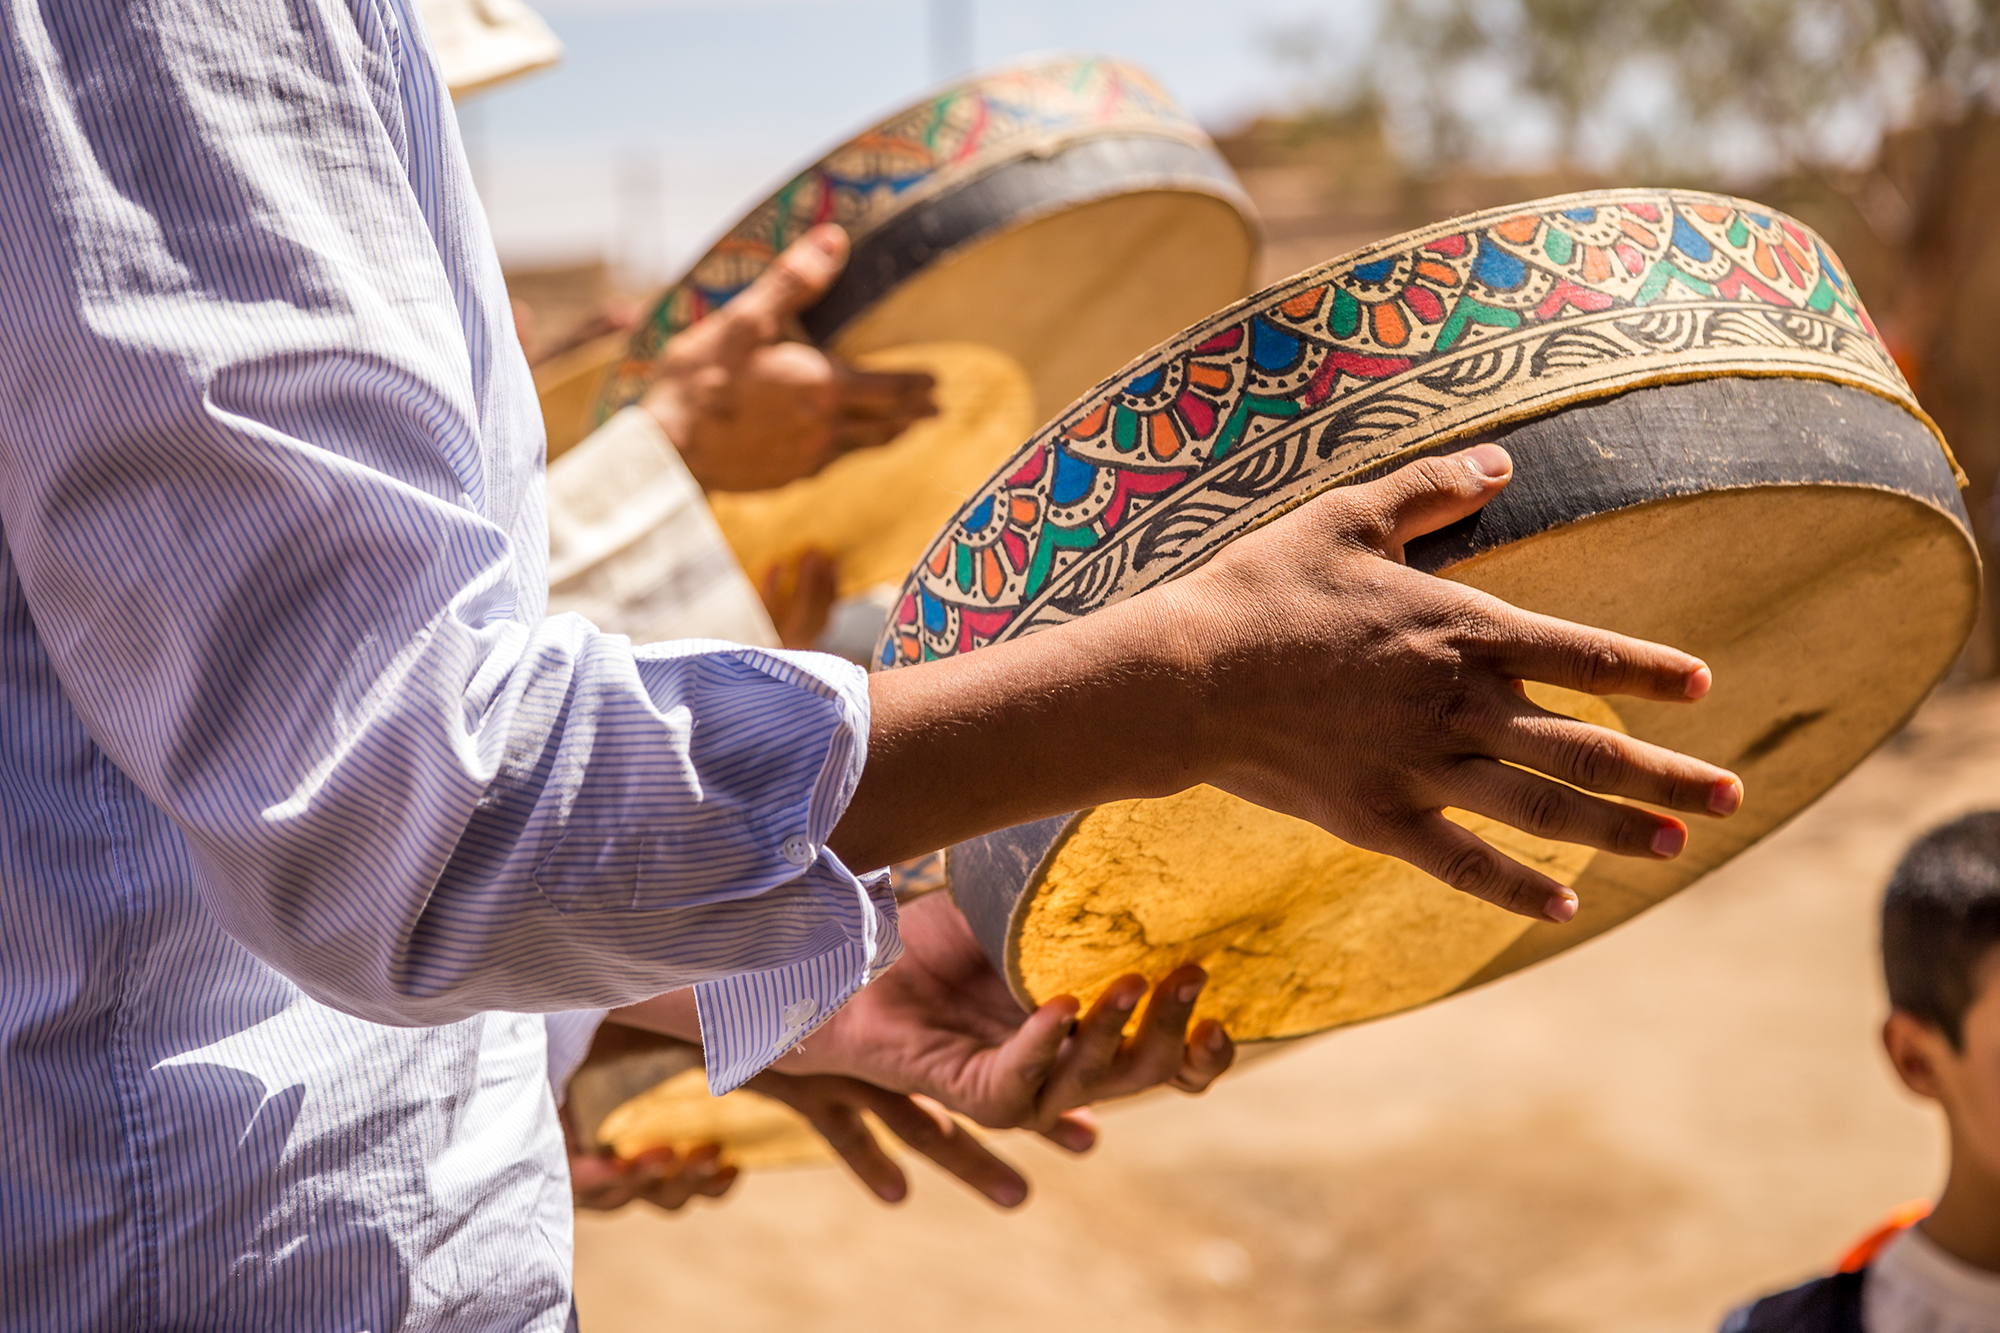 Maroc dames datant clubs de rencontres uniques